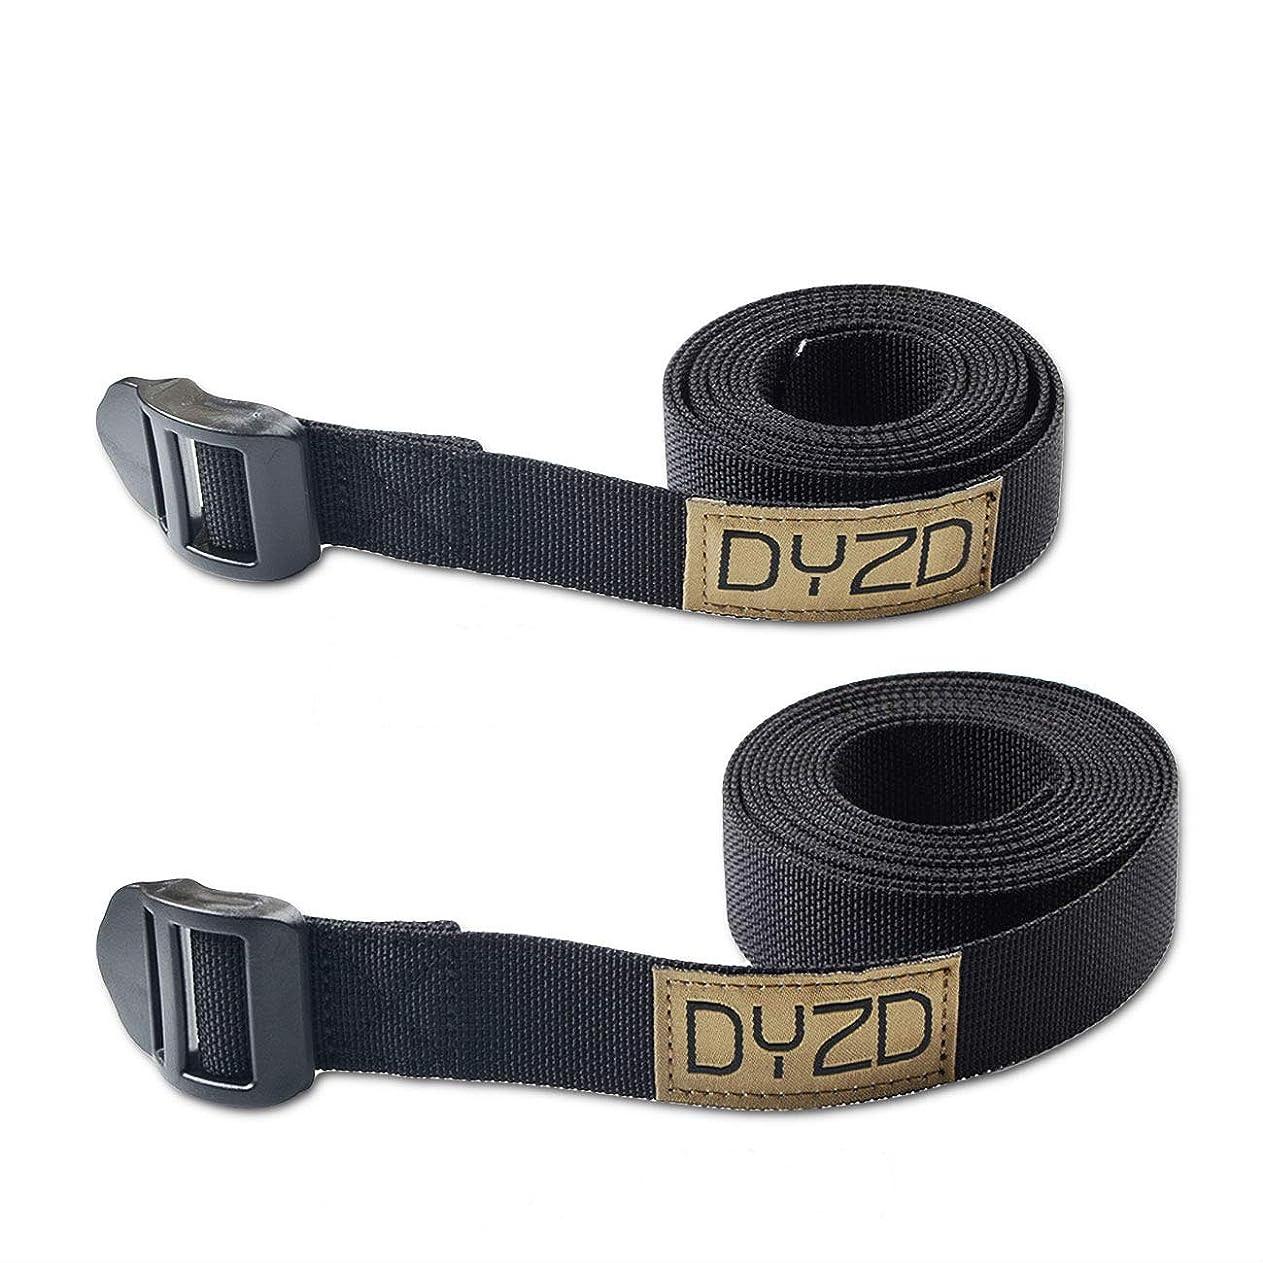 確実黒人中性DYZD 荷締ベルト 固定バンド 固定ベルト バックル 2本セット 黒 Lサイズ245cm Mサイズ145cm 幅2.5cm